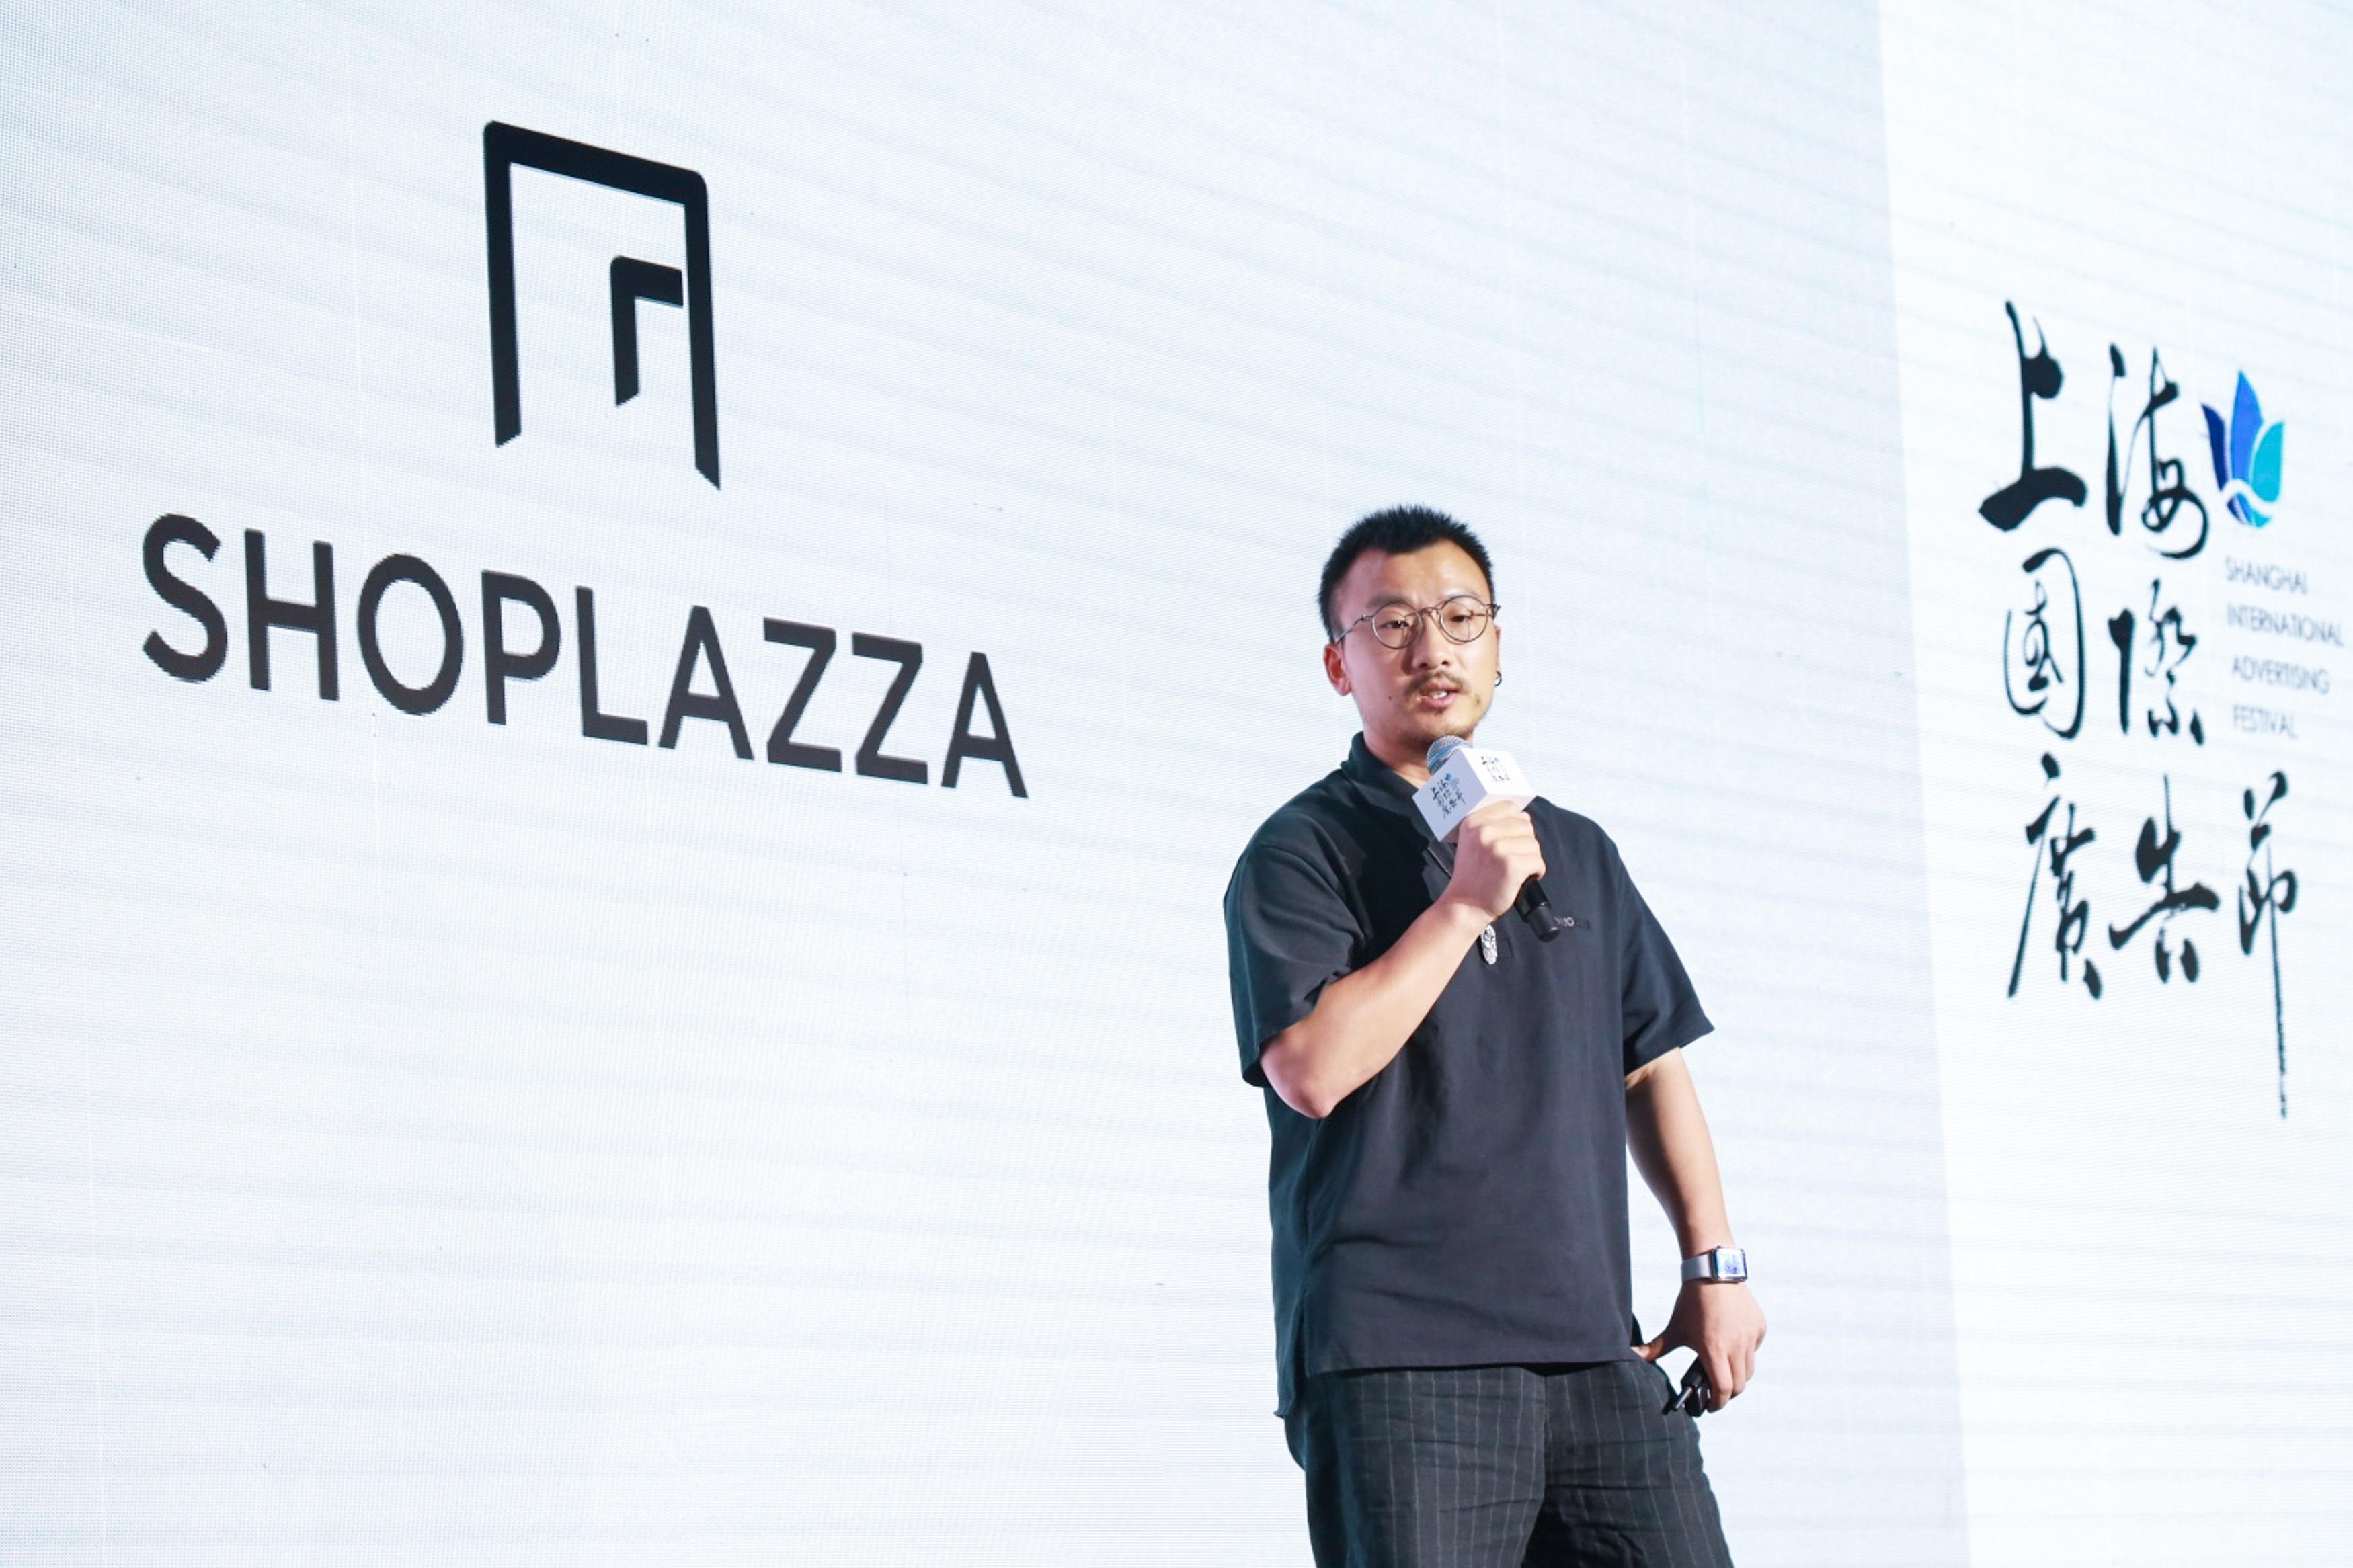 店匠发表主题为「新锐品牌如何开辟国际市场」